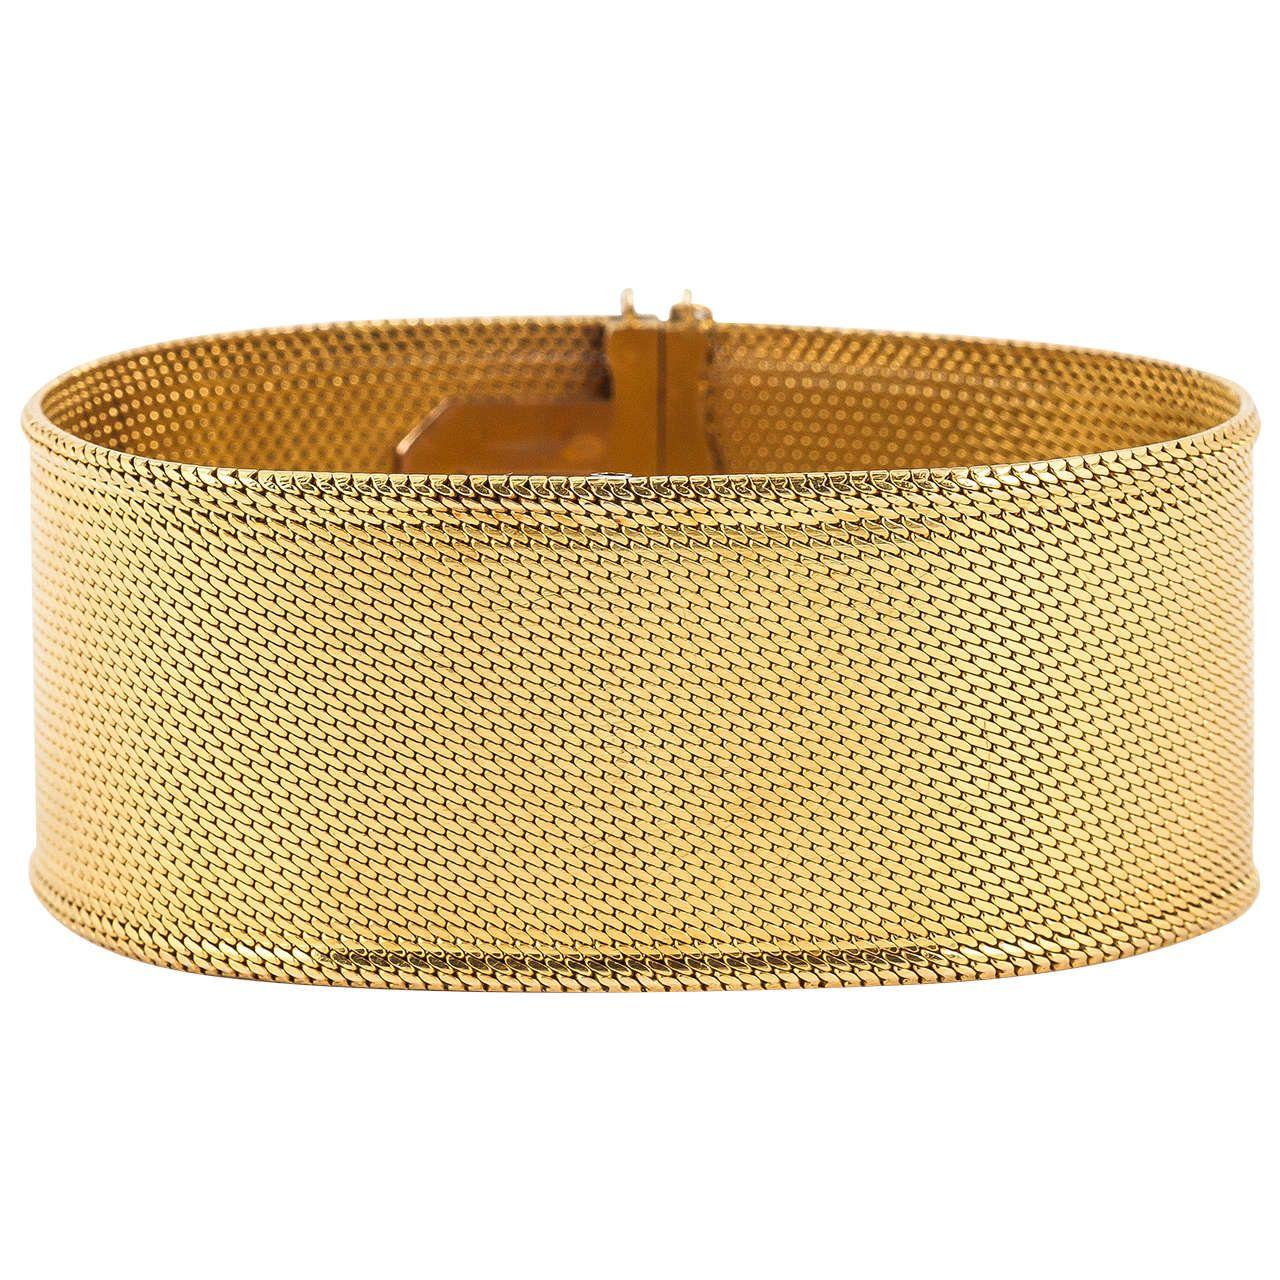 Vintage Cuff Bracelets